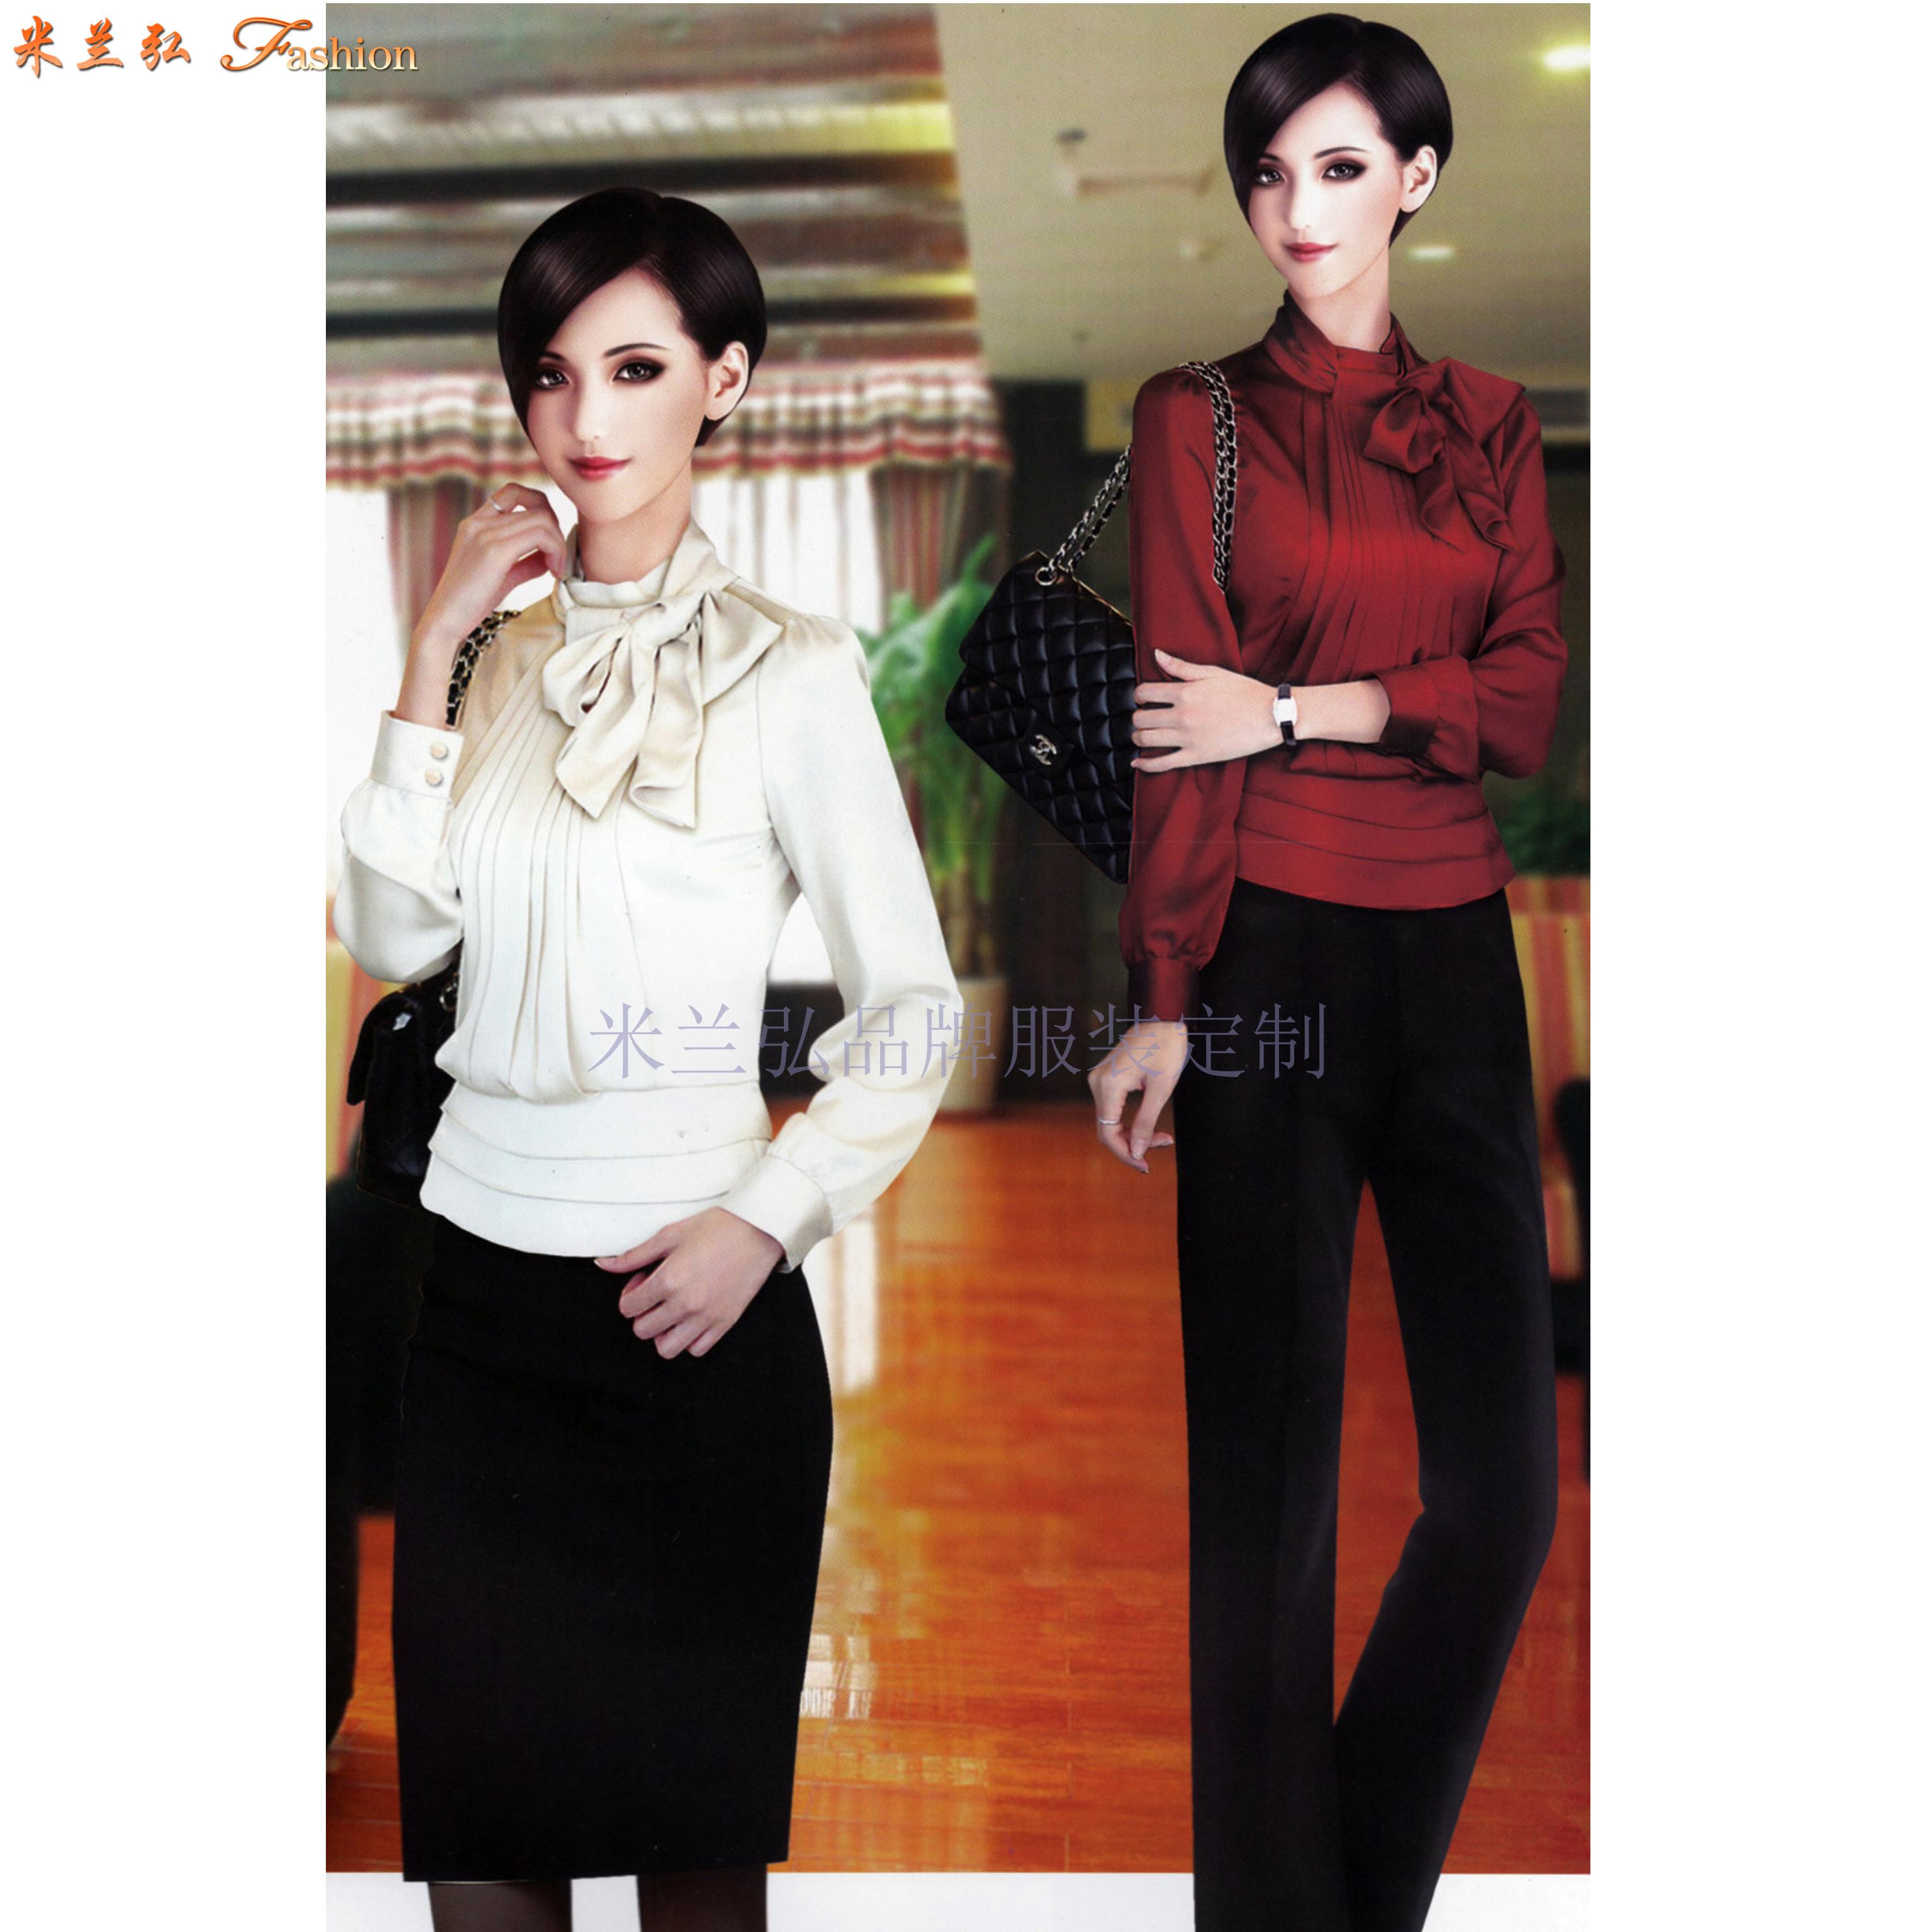 北京职业装定做|图片_价格_流程_面料_厂家-米兰弘服装-2